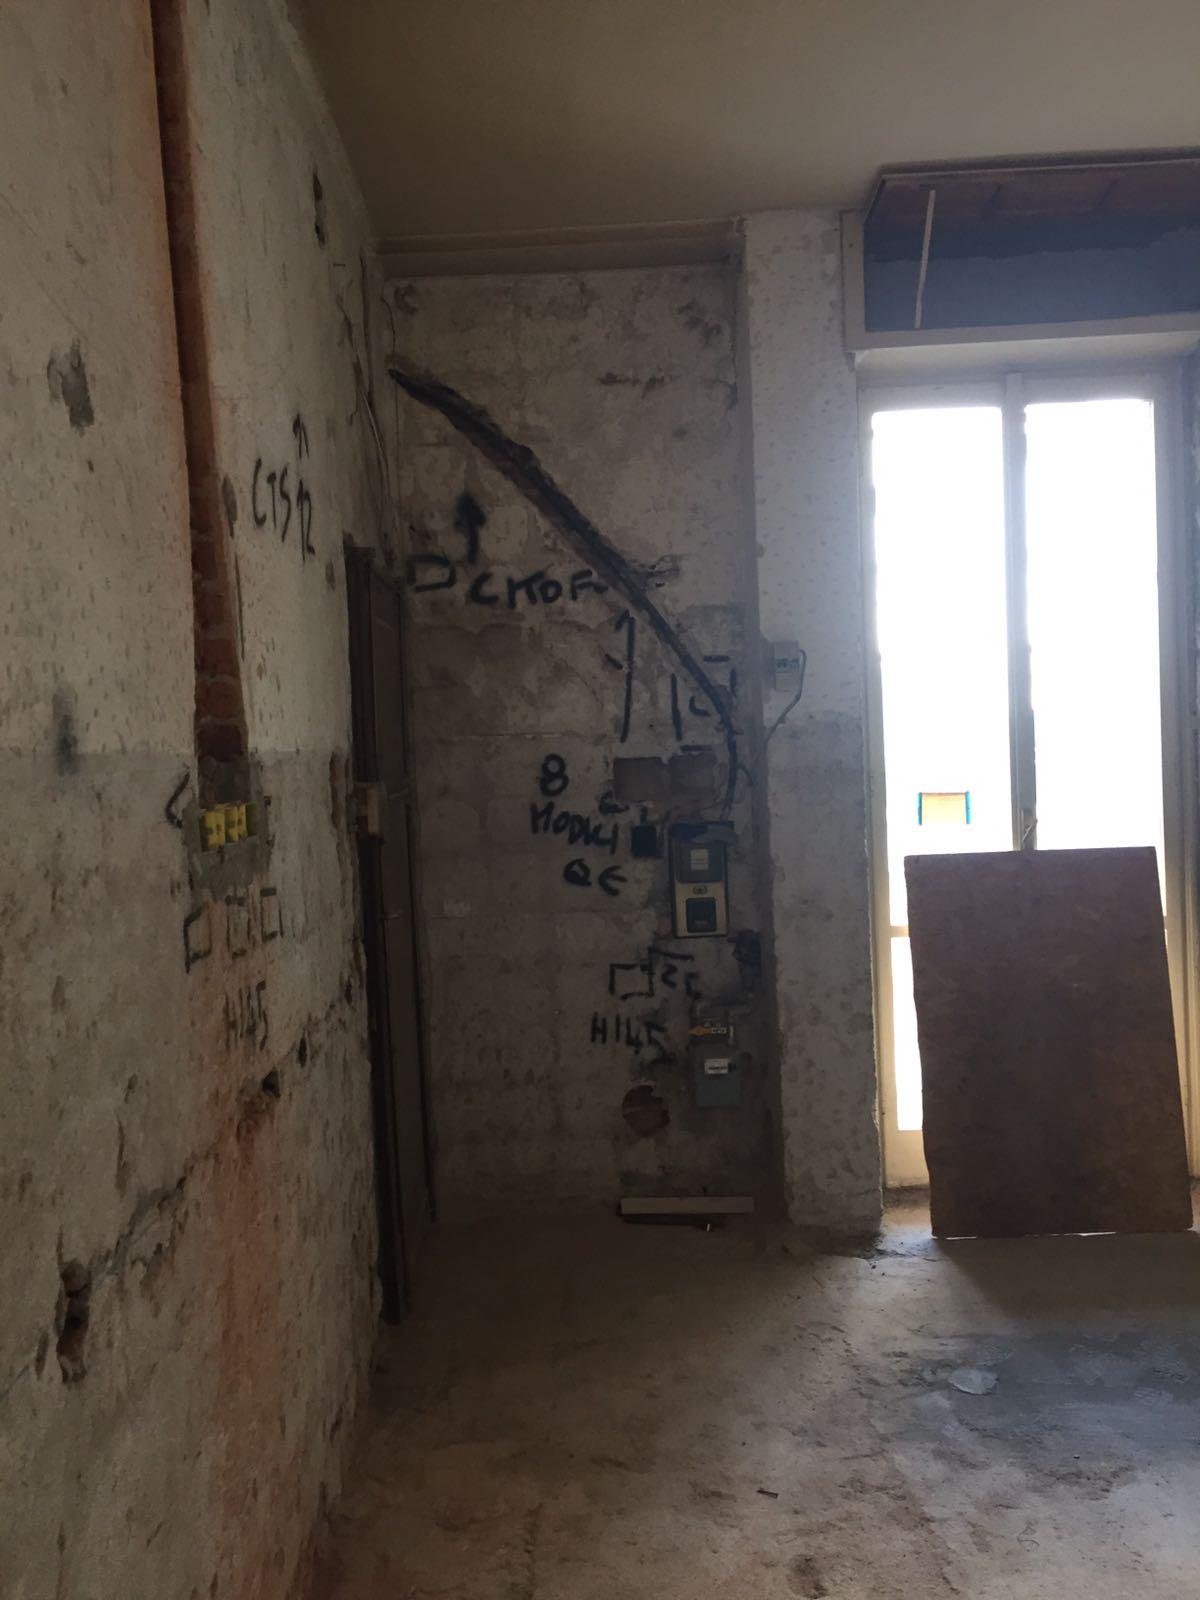 10. Tracciamento impianto elettrico a parete: lavori in corso.